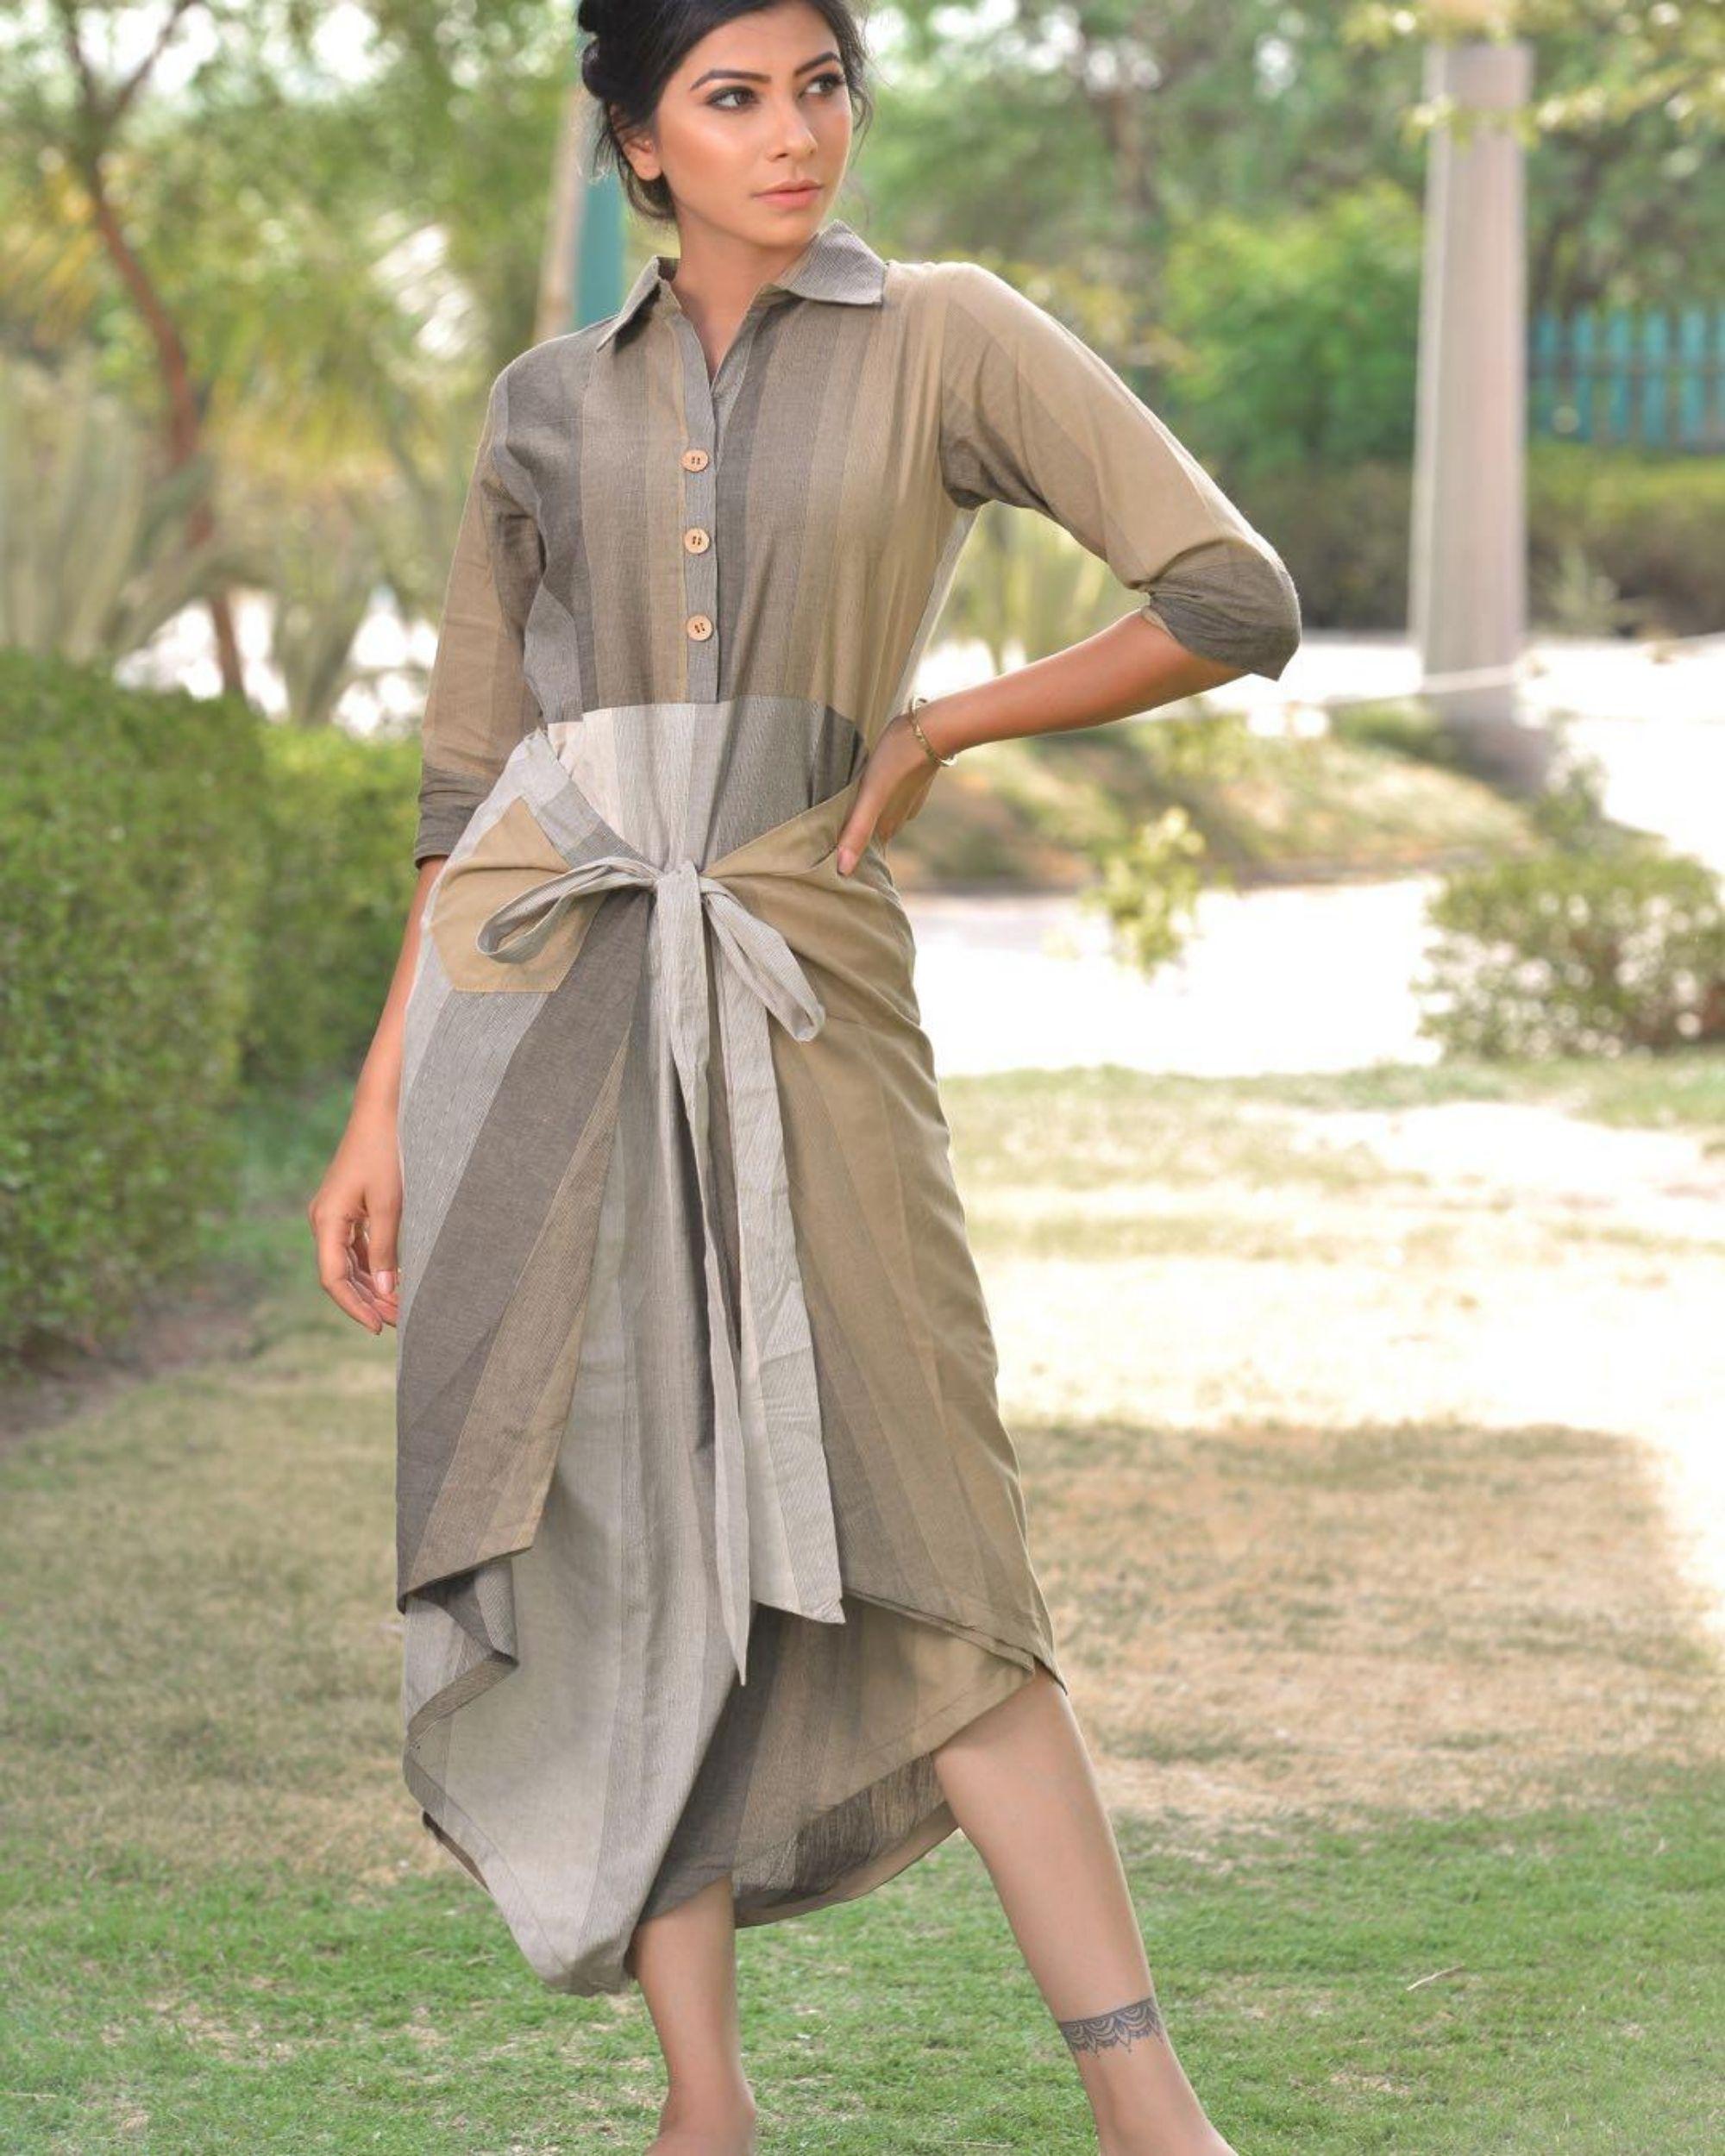 Grey and beige striped wrap around dress